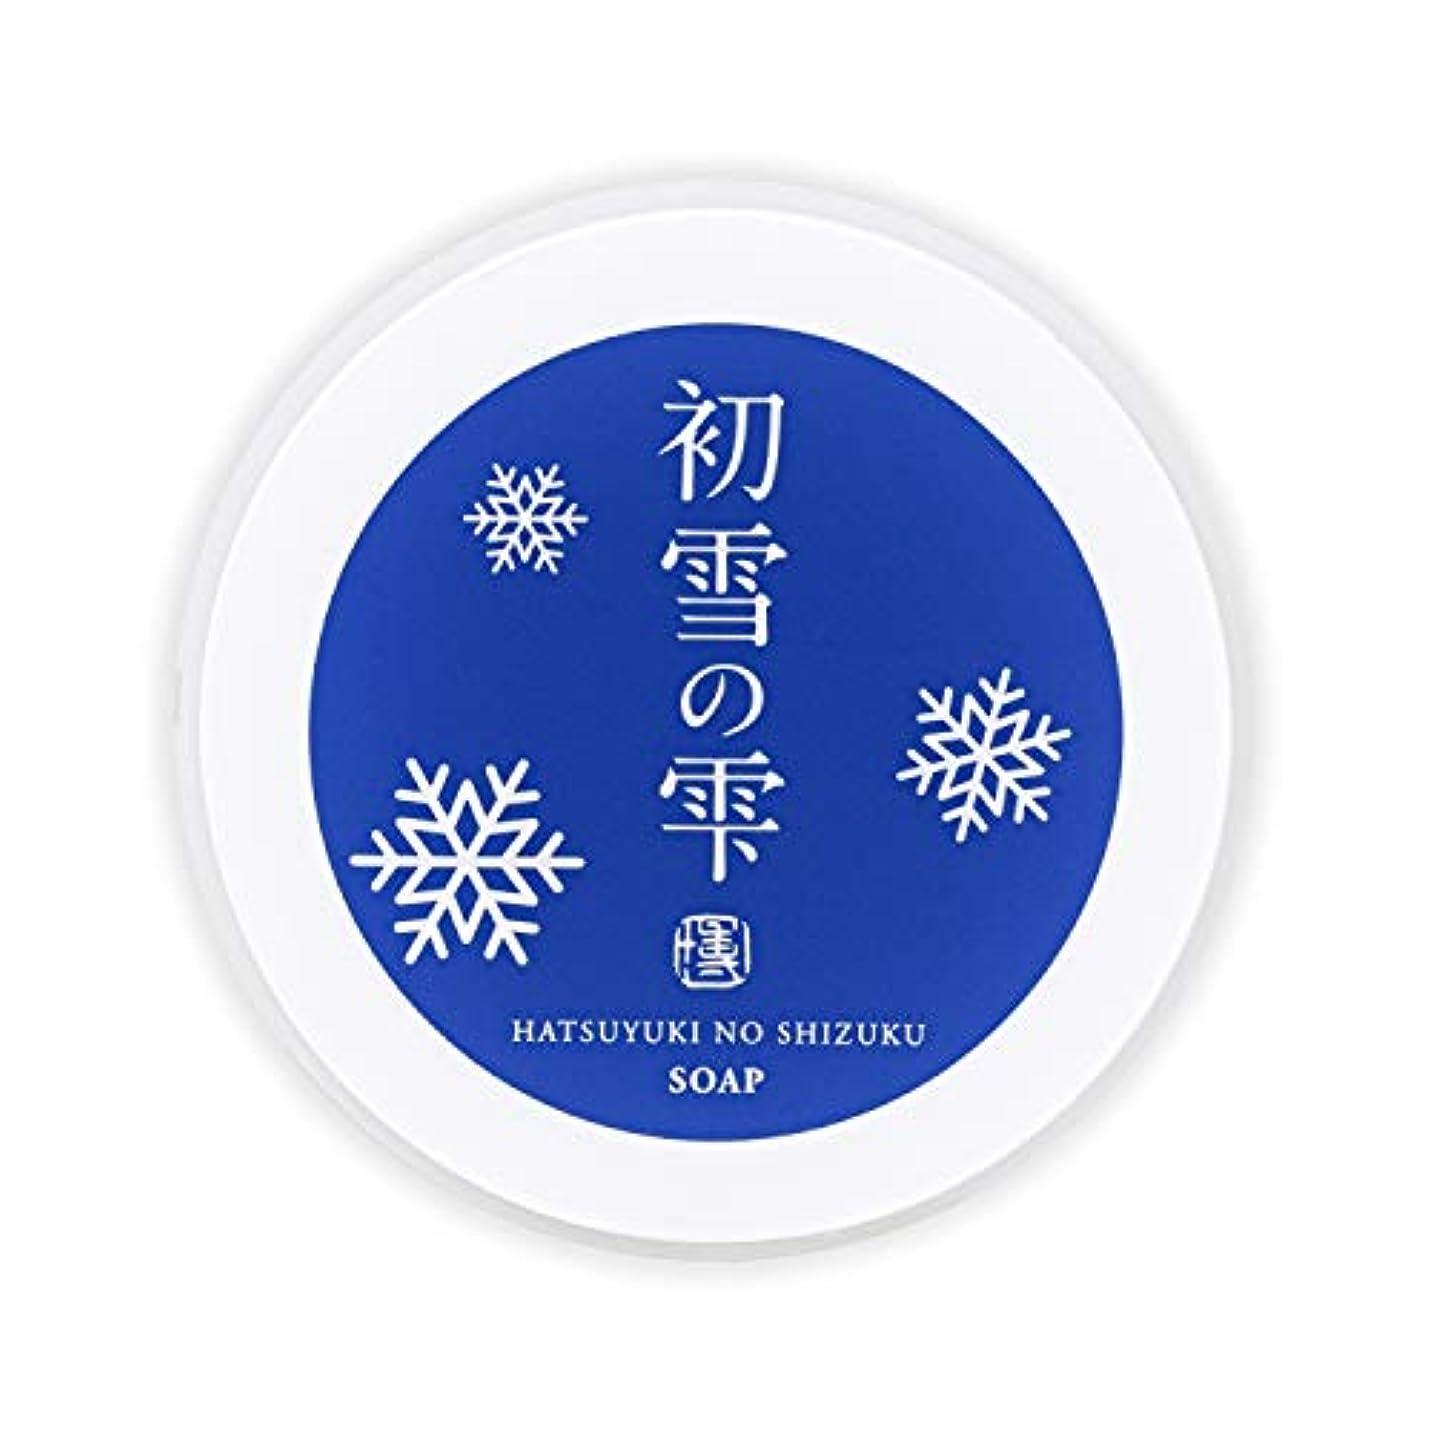 飼いならす突破口聡明初雪の雫 泡 洗顔 練り せっけん ジャータイプ 34g 約2週間分 [プラセンタ ヒアルロン酸 セラミド ビタミンC ]